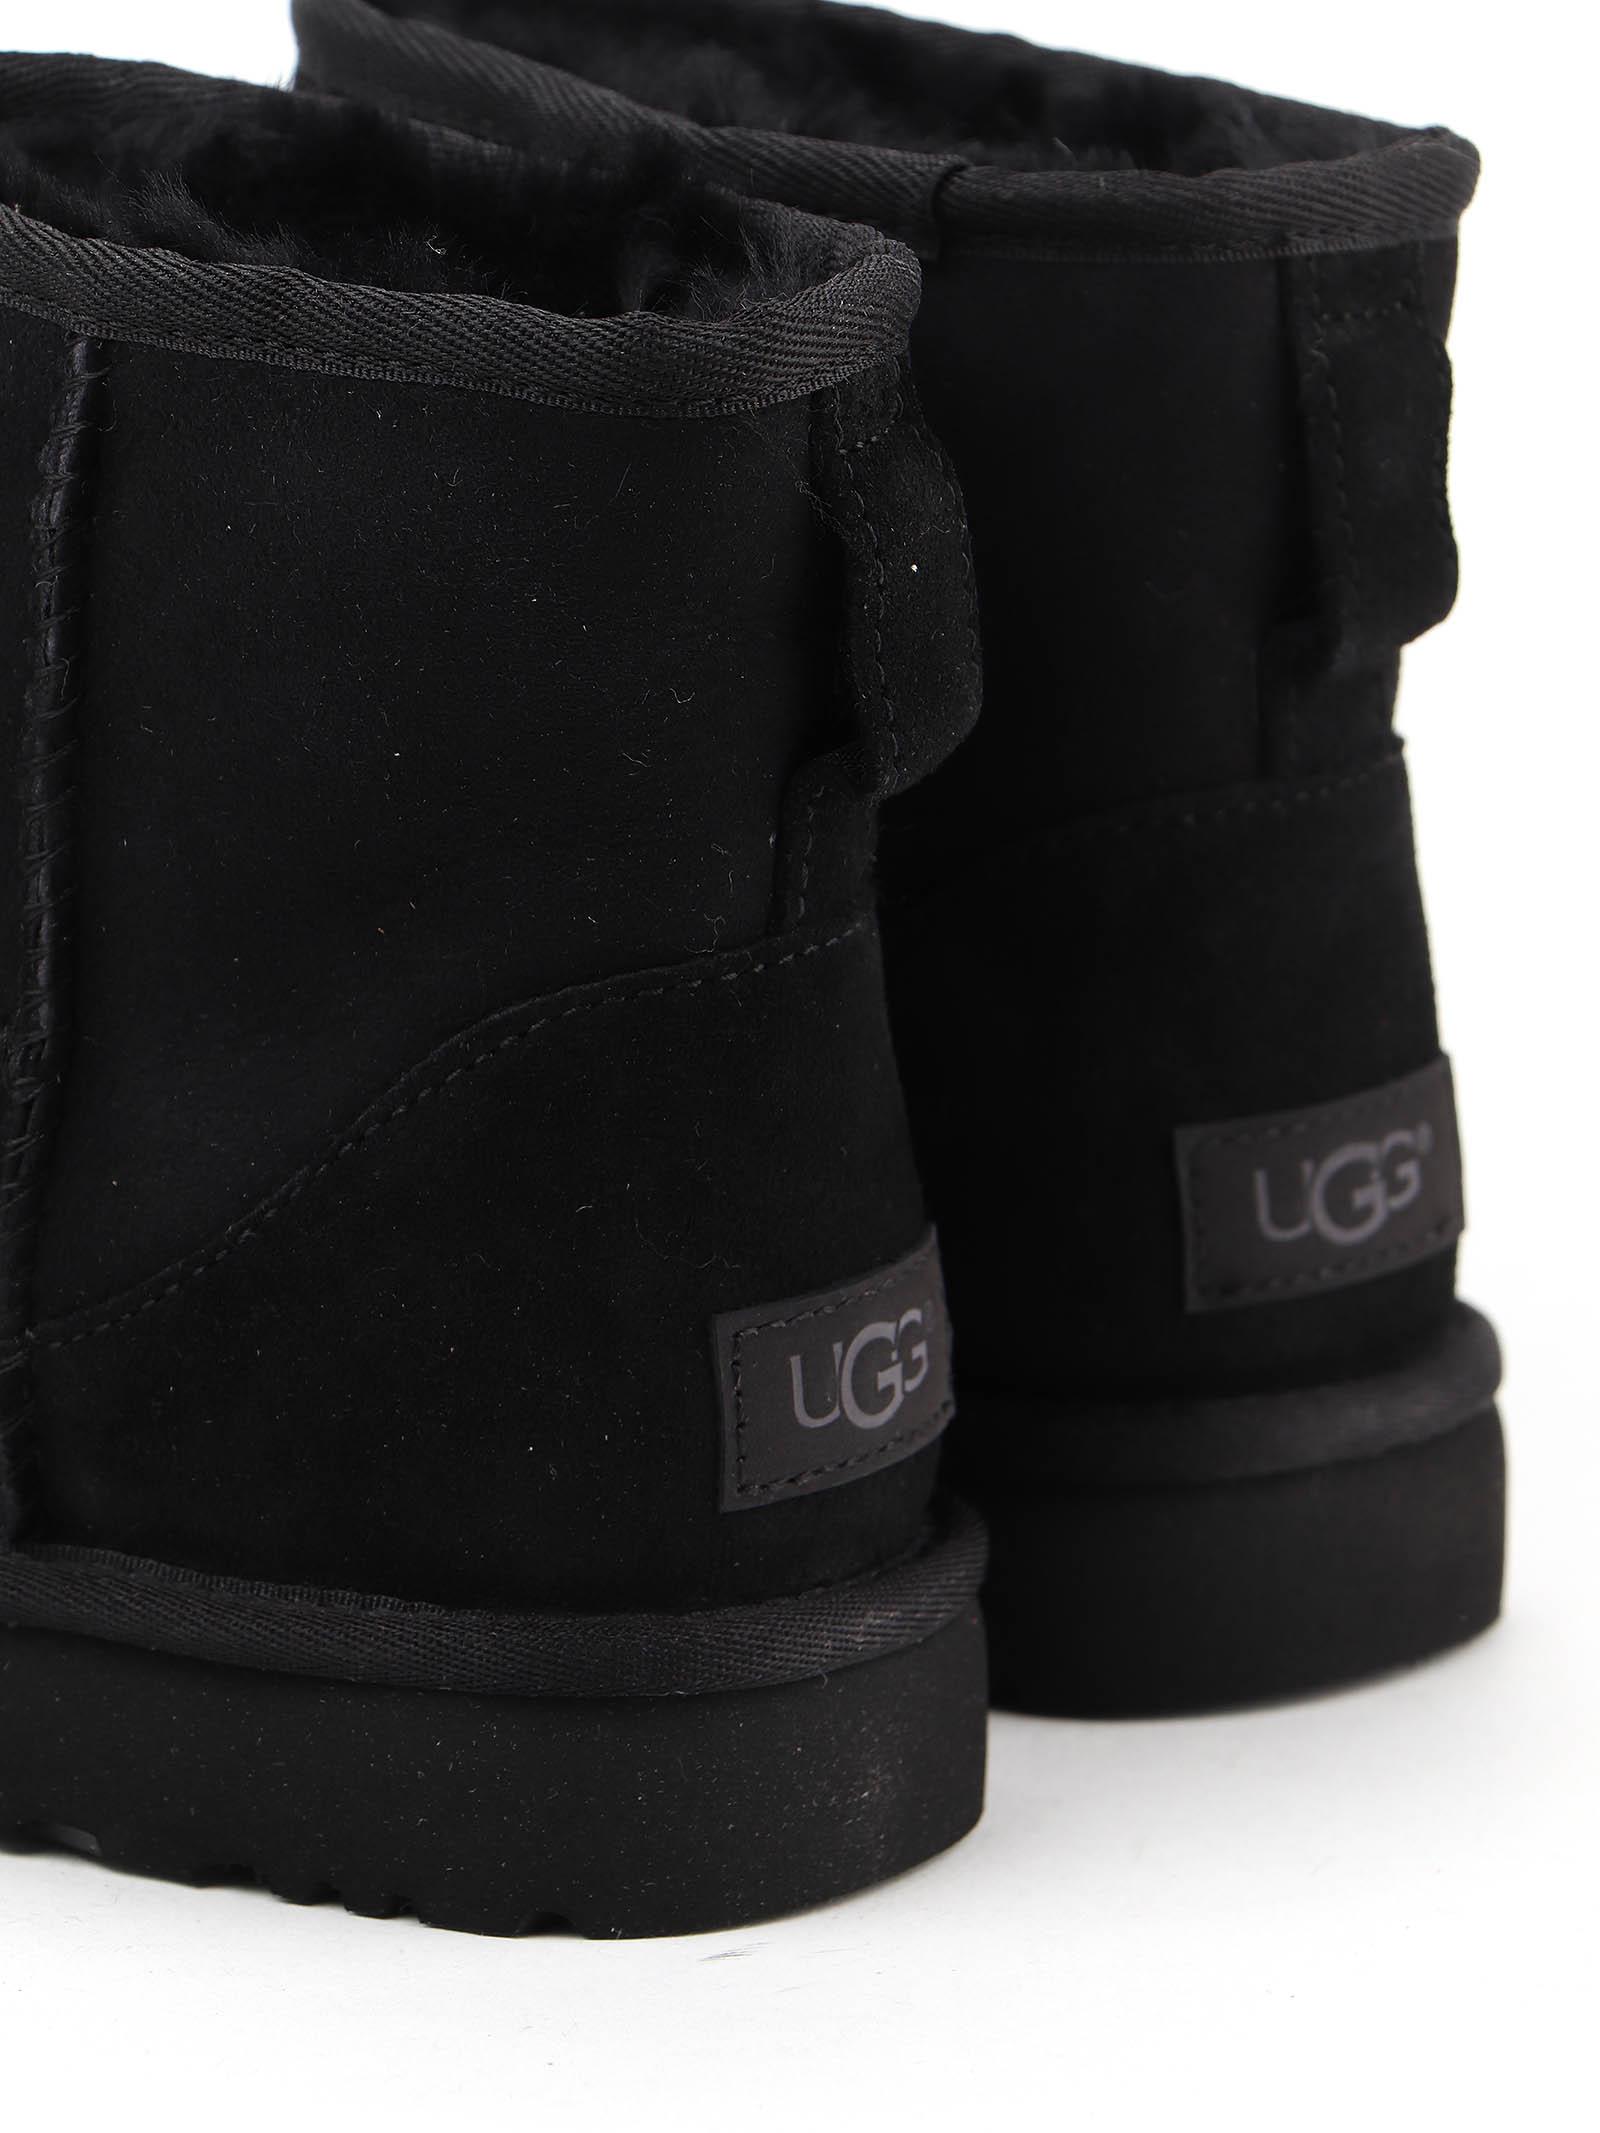 Immagine di Ugg   Mini Classic Ii Boot